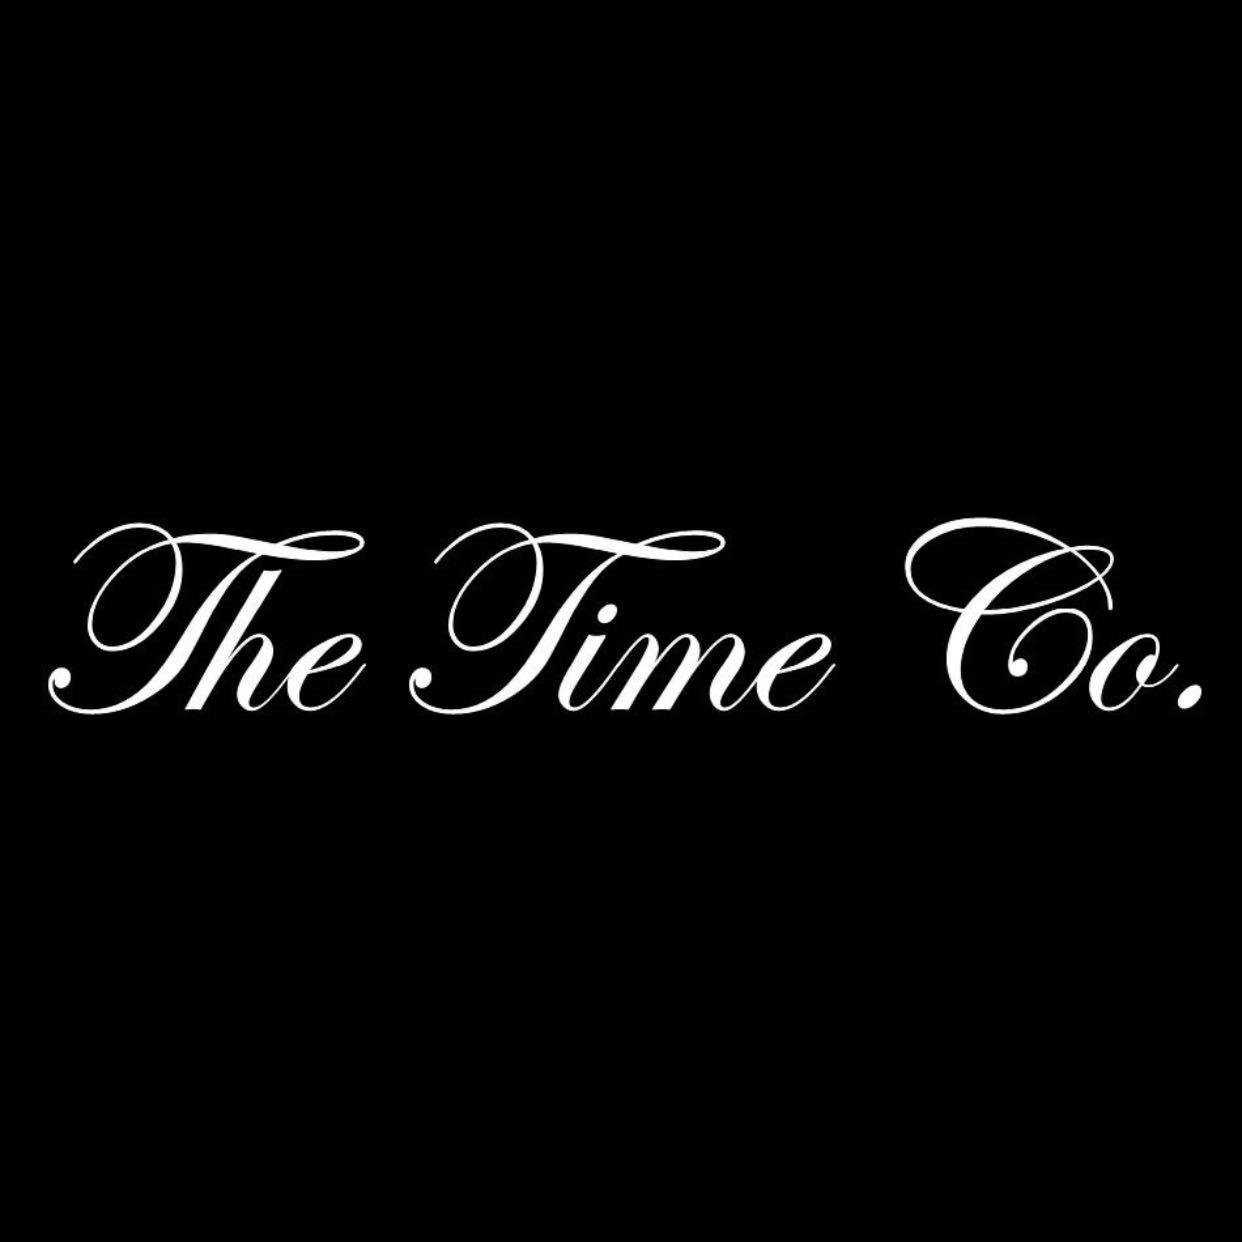 thetimeco